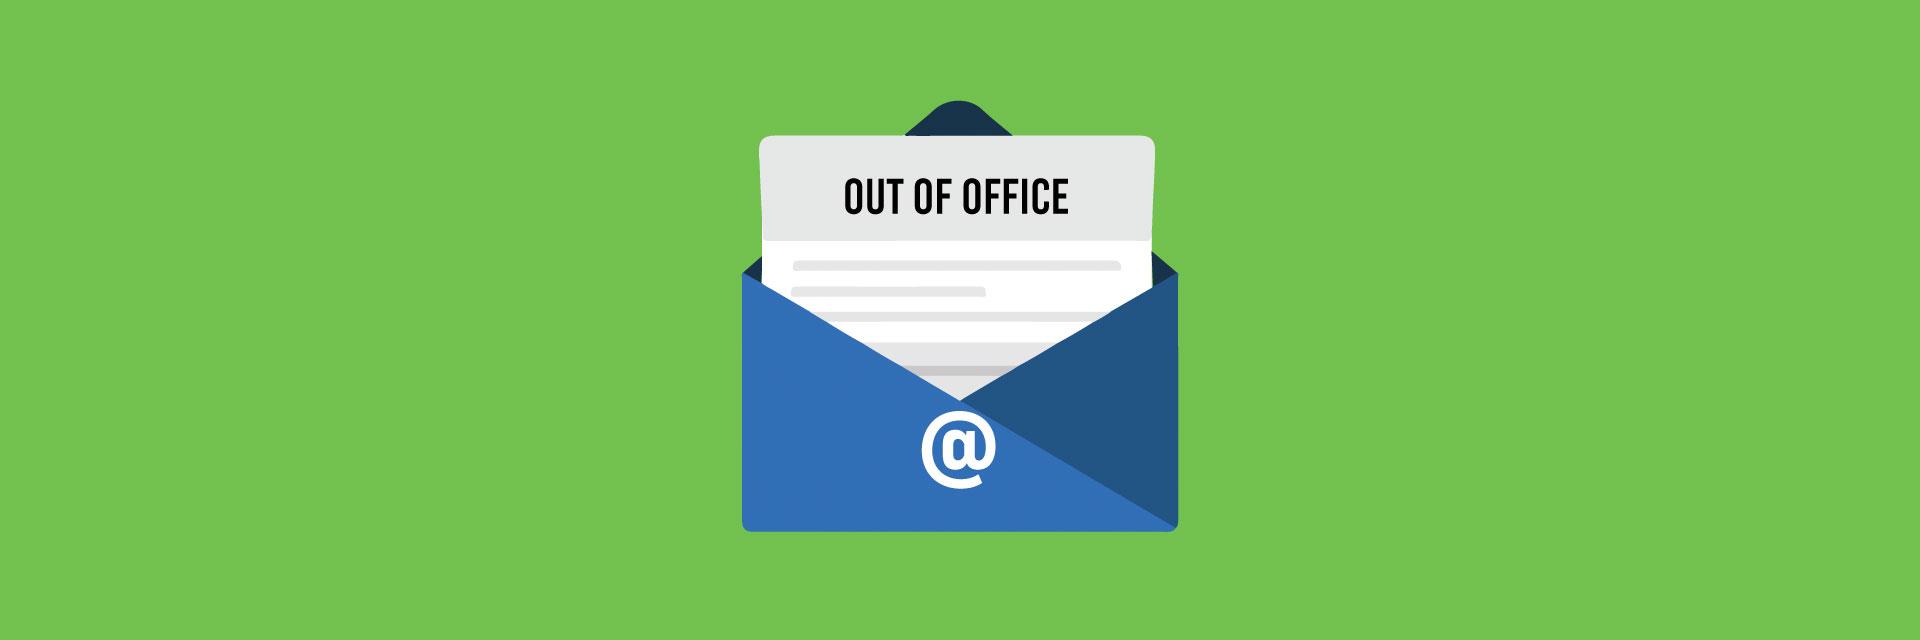 你觉得一封Out-of-Office邮件可以专业到什么程度?看完这7封邮件模板你就知道了